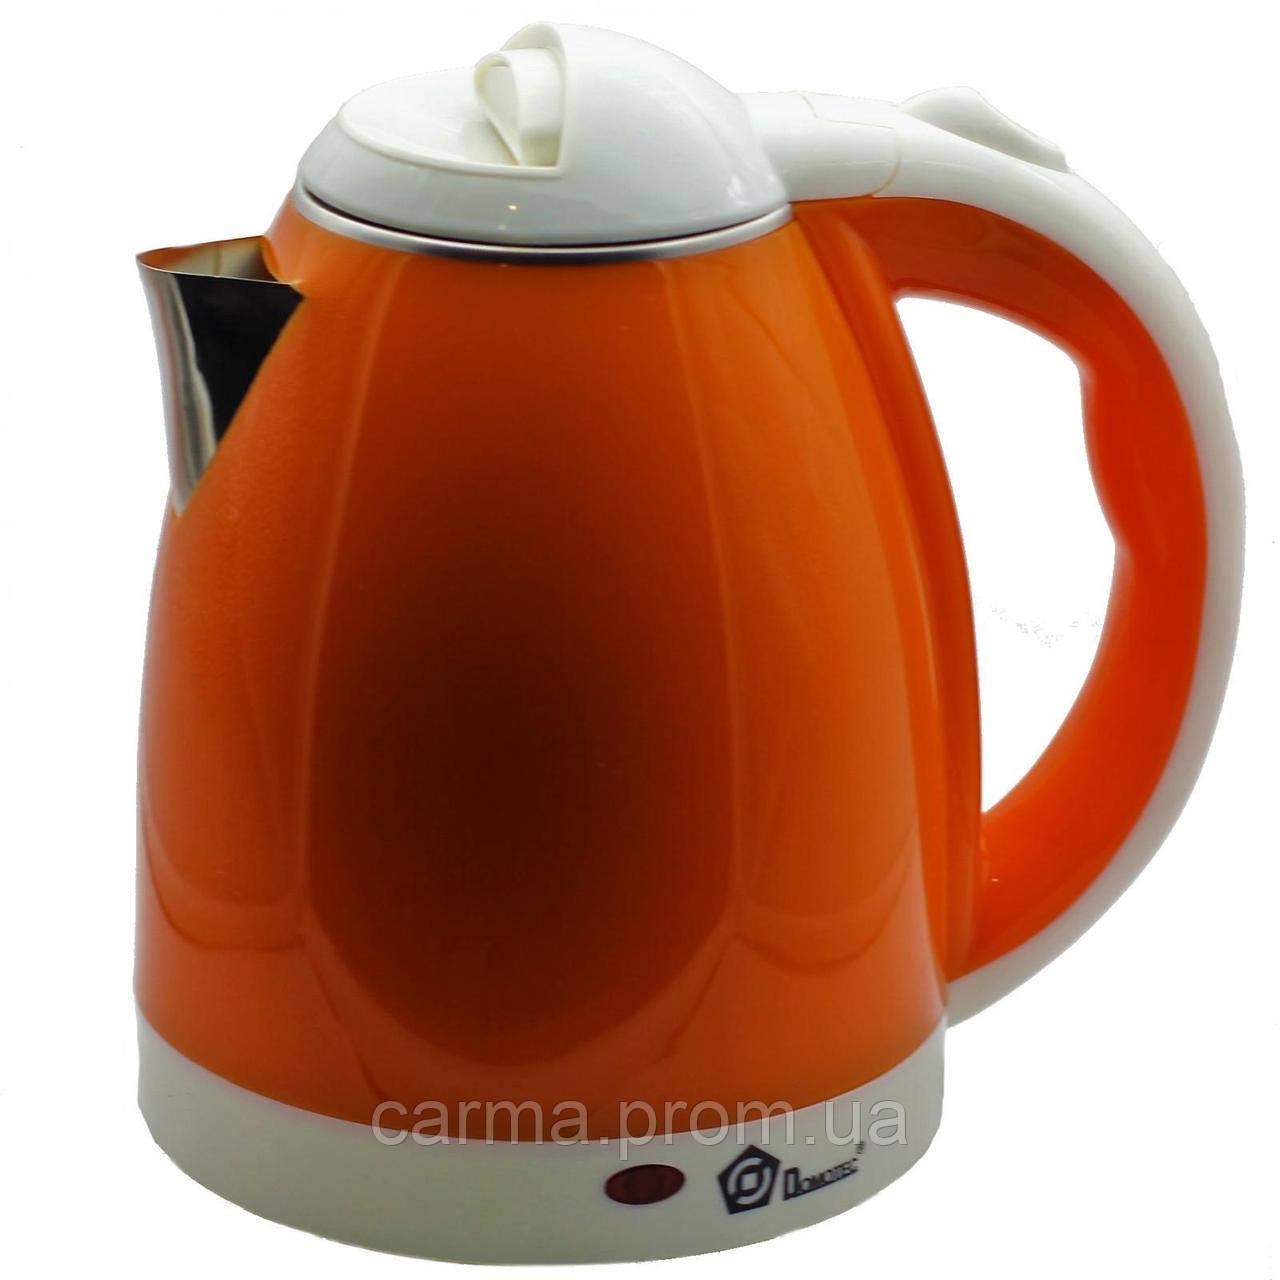 Электрочайник Domotec MS 5022 Оранжевый